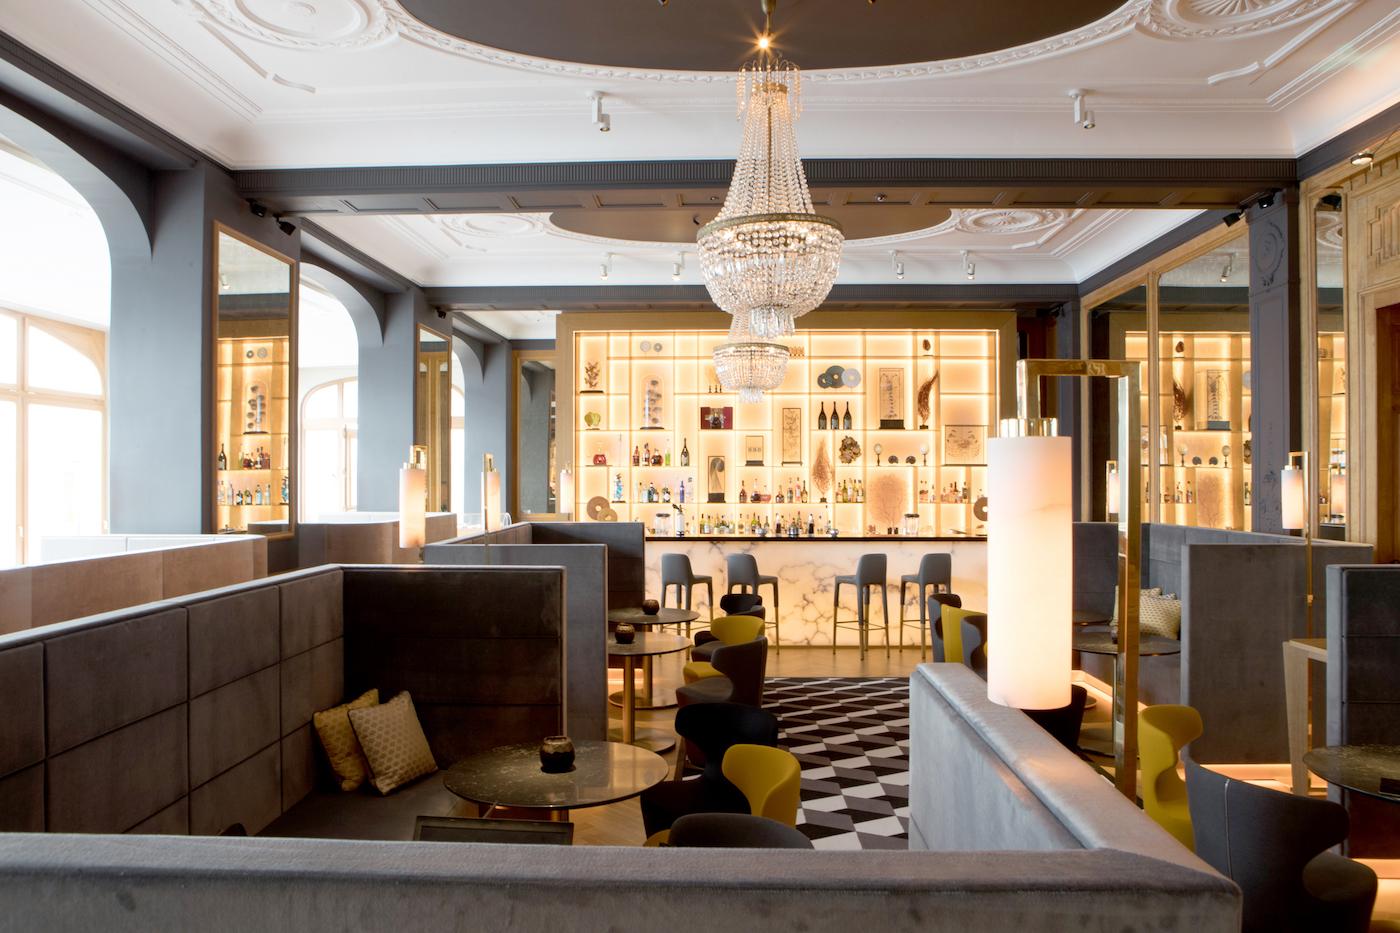 Il bar del ristorante Le Bellevue